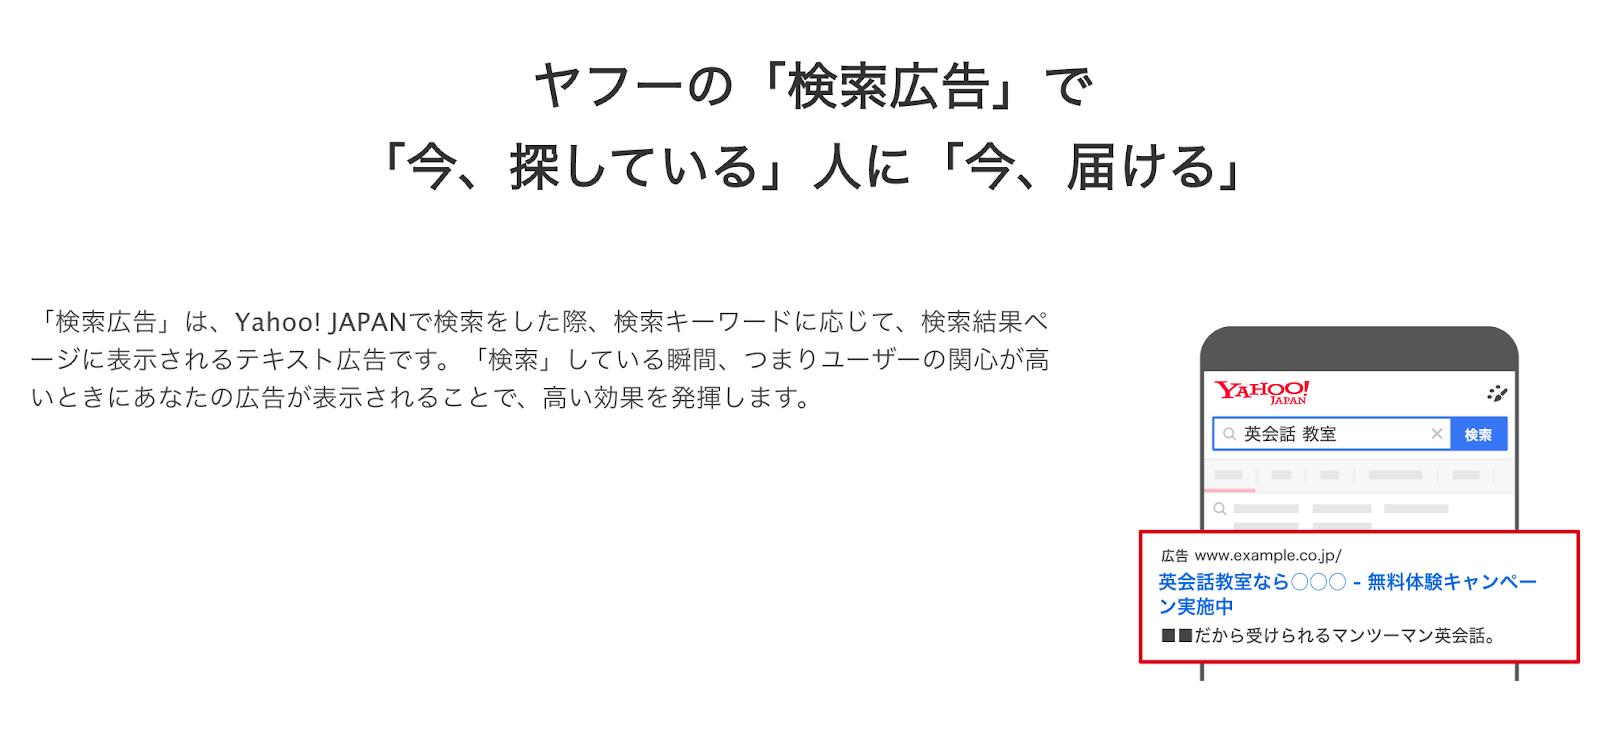 Yahoo!JAPAN広告のトップページ